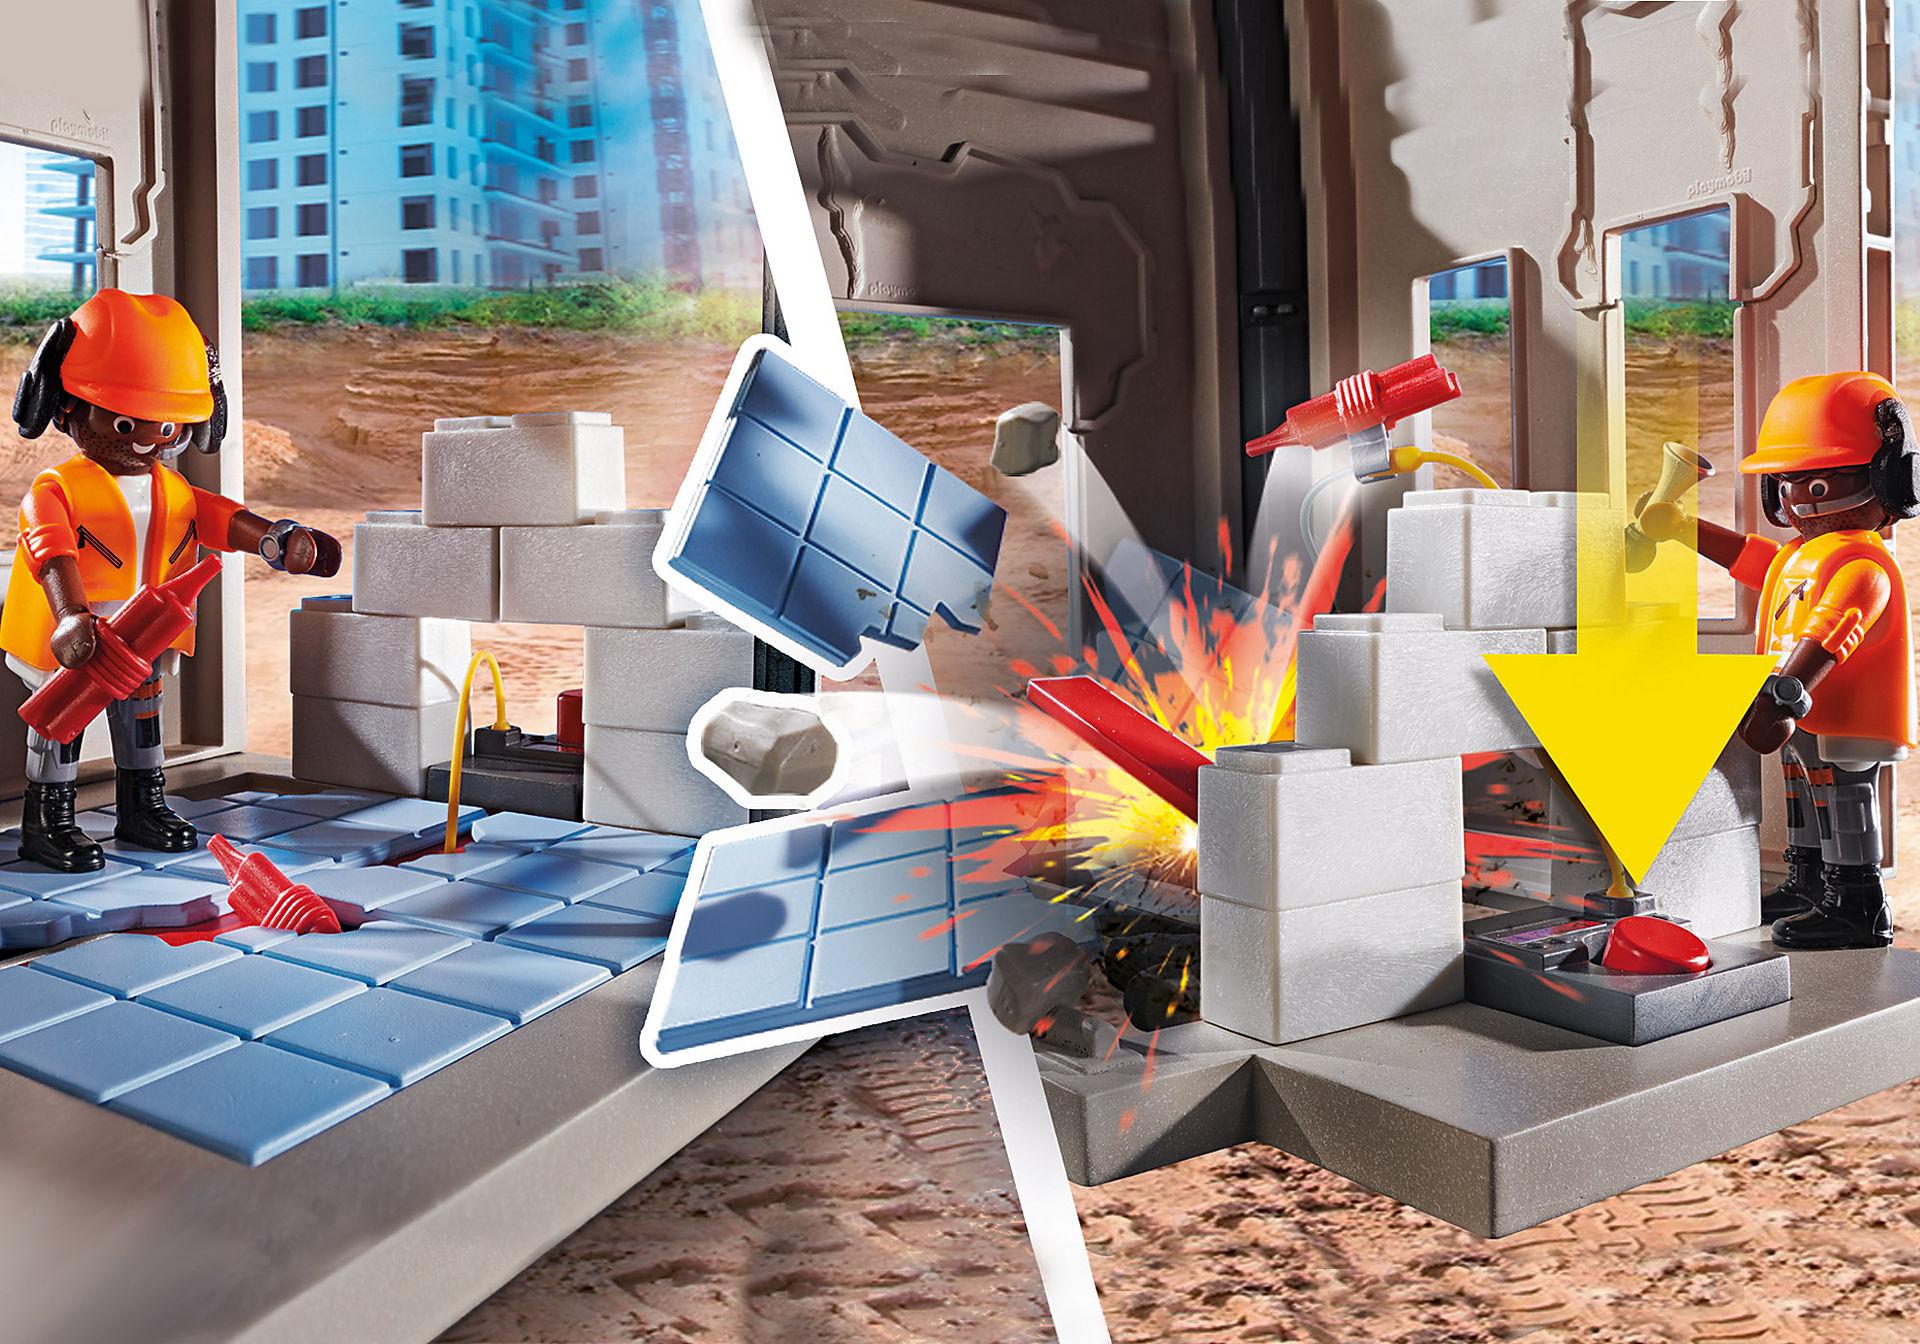 70442 Kabelgraafmachine met bouwonderdeel zoom image7